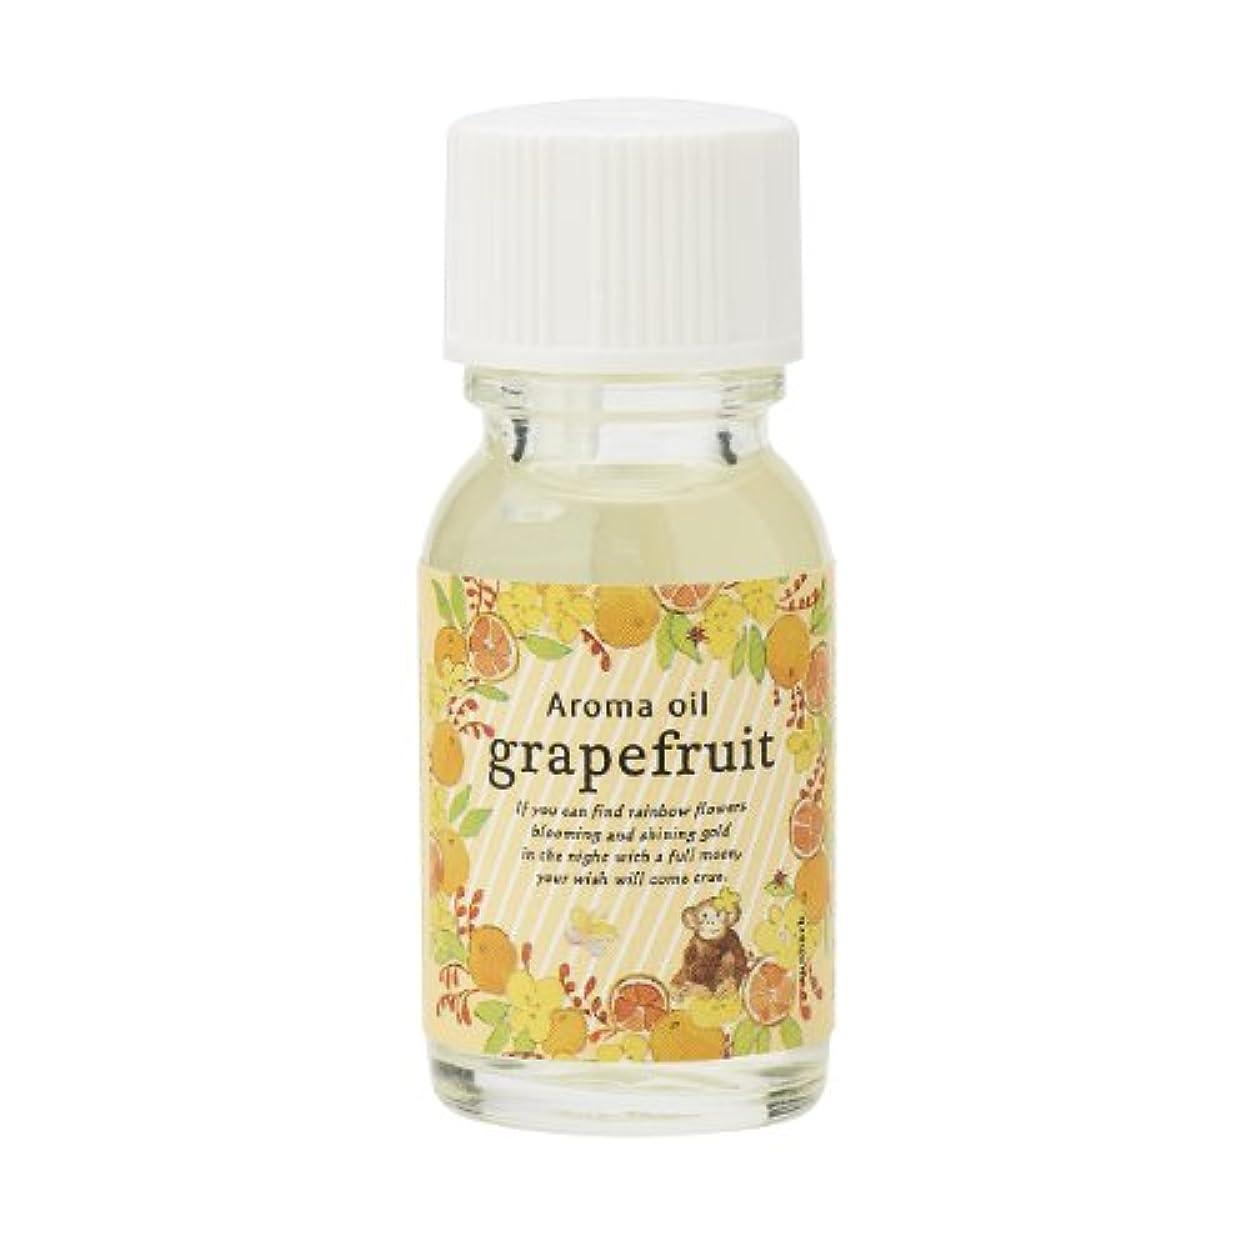 砂利ヒューズ荒涼としたサンハーブ アロマオイル グレープフルーツ 13ml(シャキっとまぶしい柑橘系の香り)